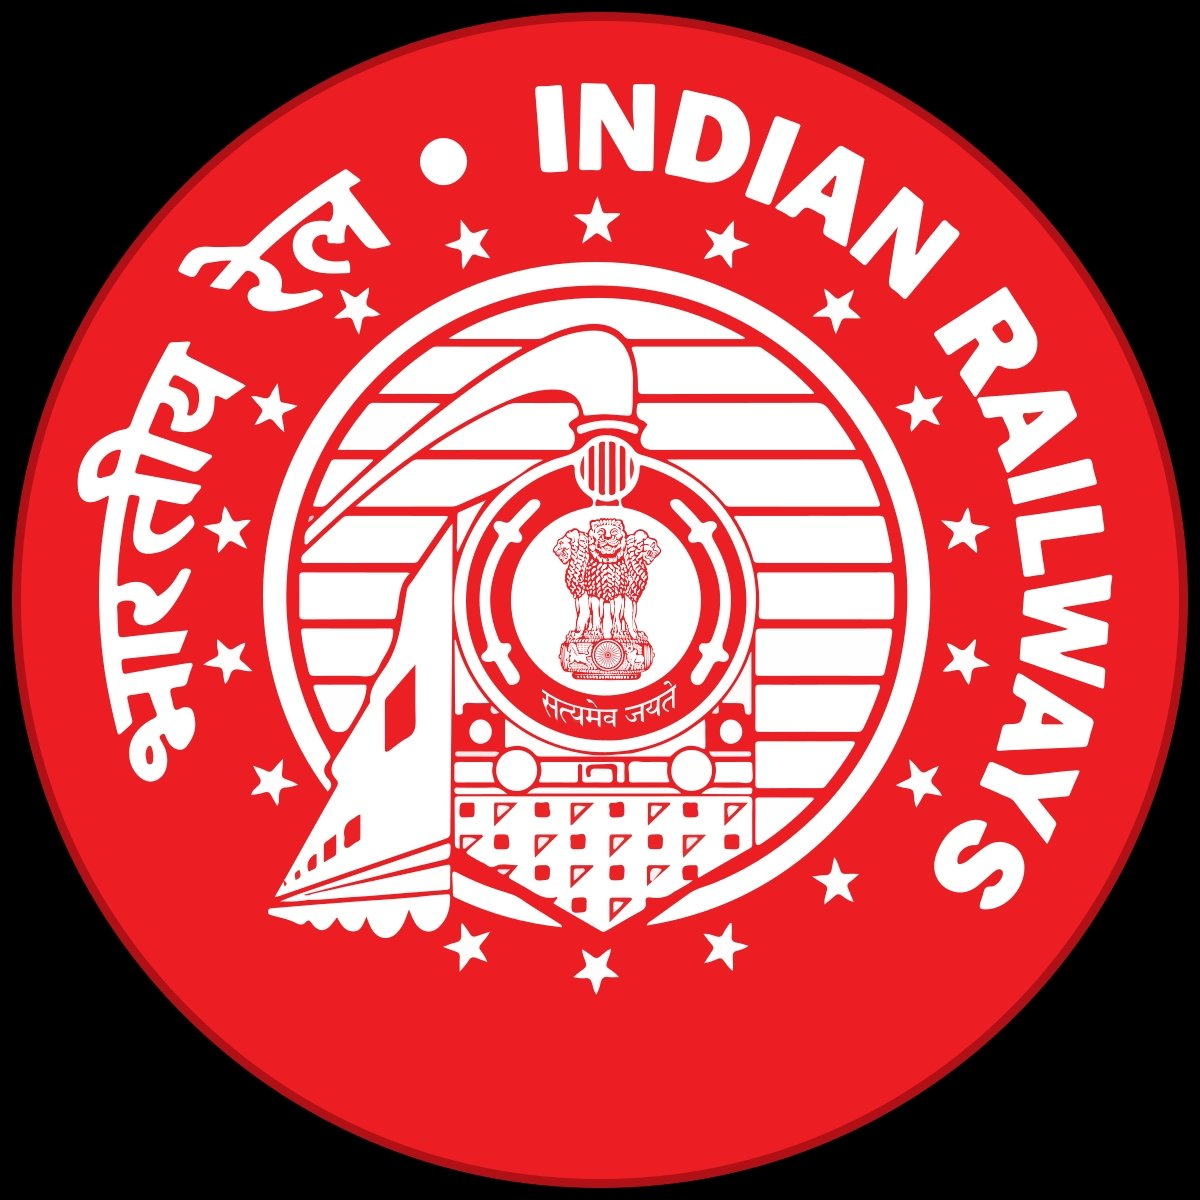 विभिन्न गैर-तकनीकी लोकप्रिय श्रेणियों (एनटीपीसी ग्रेजुएट एवं अंडरग्रेजुएट) के पदों के लिए रेलवे भर्ती परीक्षा का अंतिम चरण 23 जुलाई से शुरू होगा